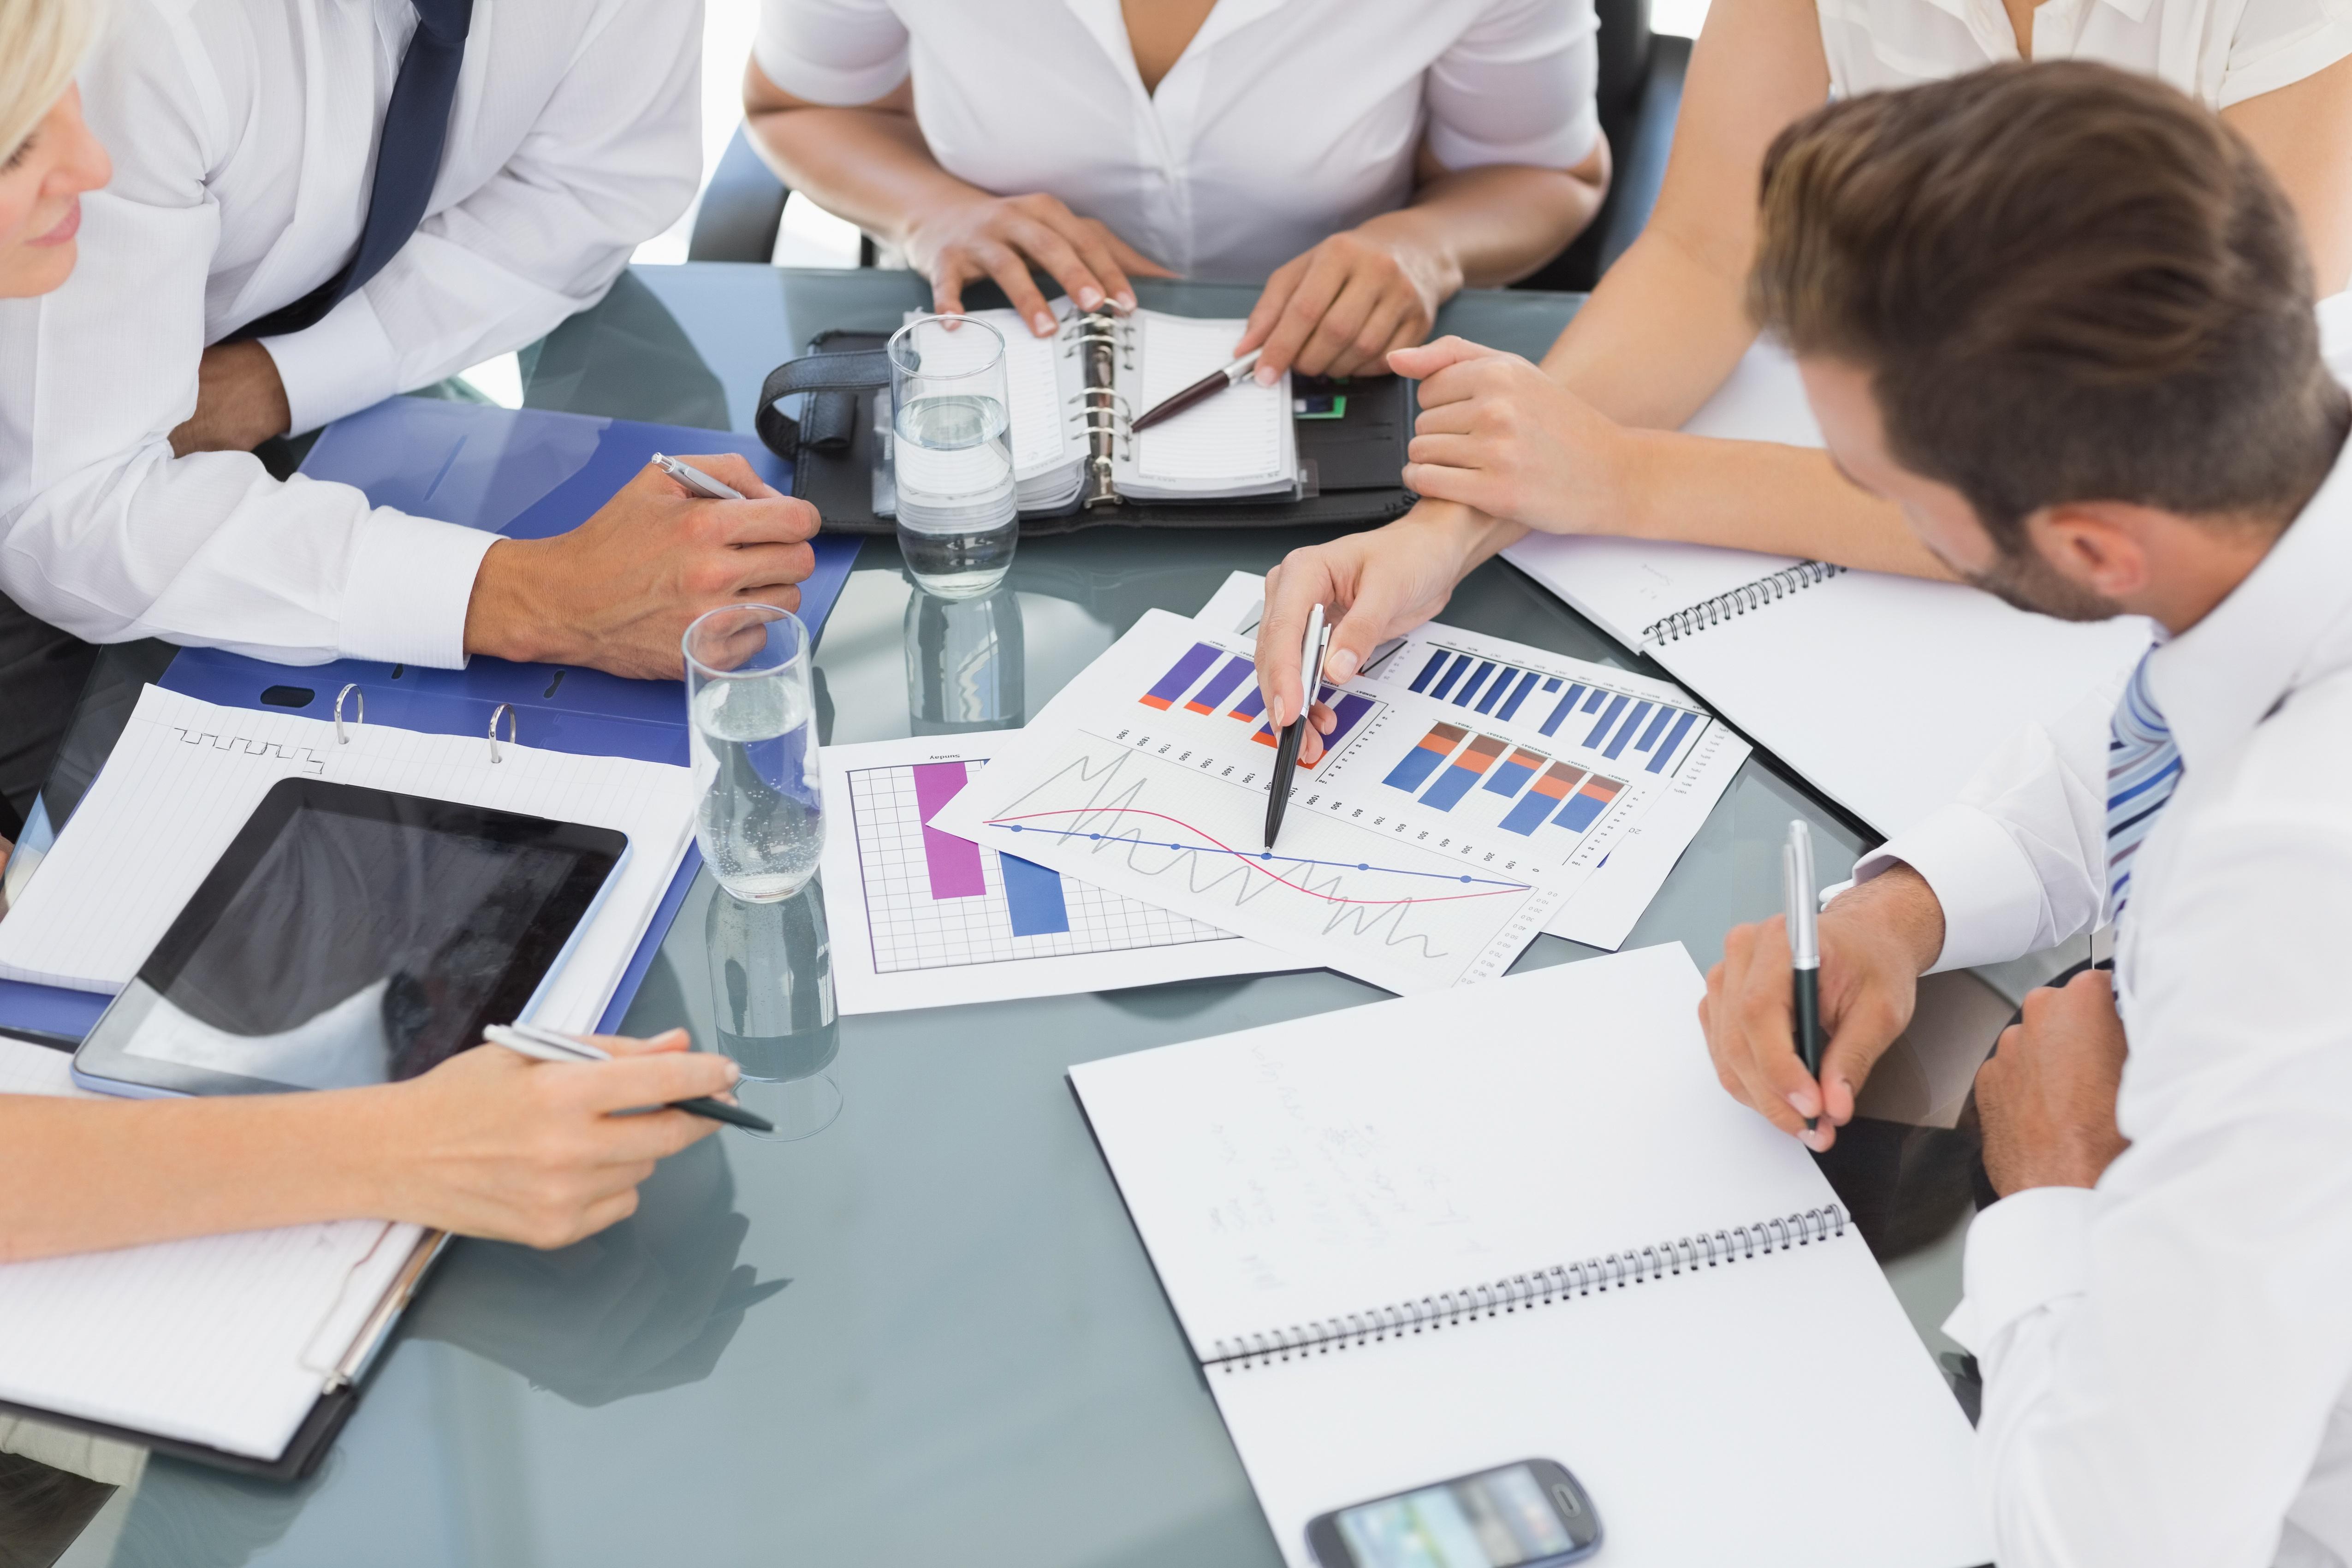 overleg_aan_tafel_met_documenten.jpg